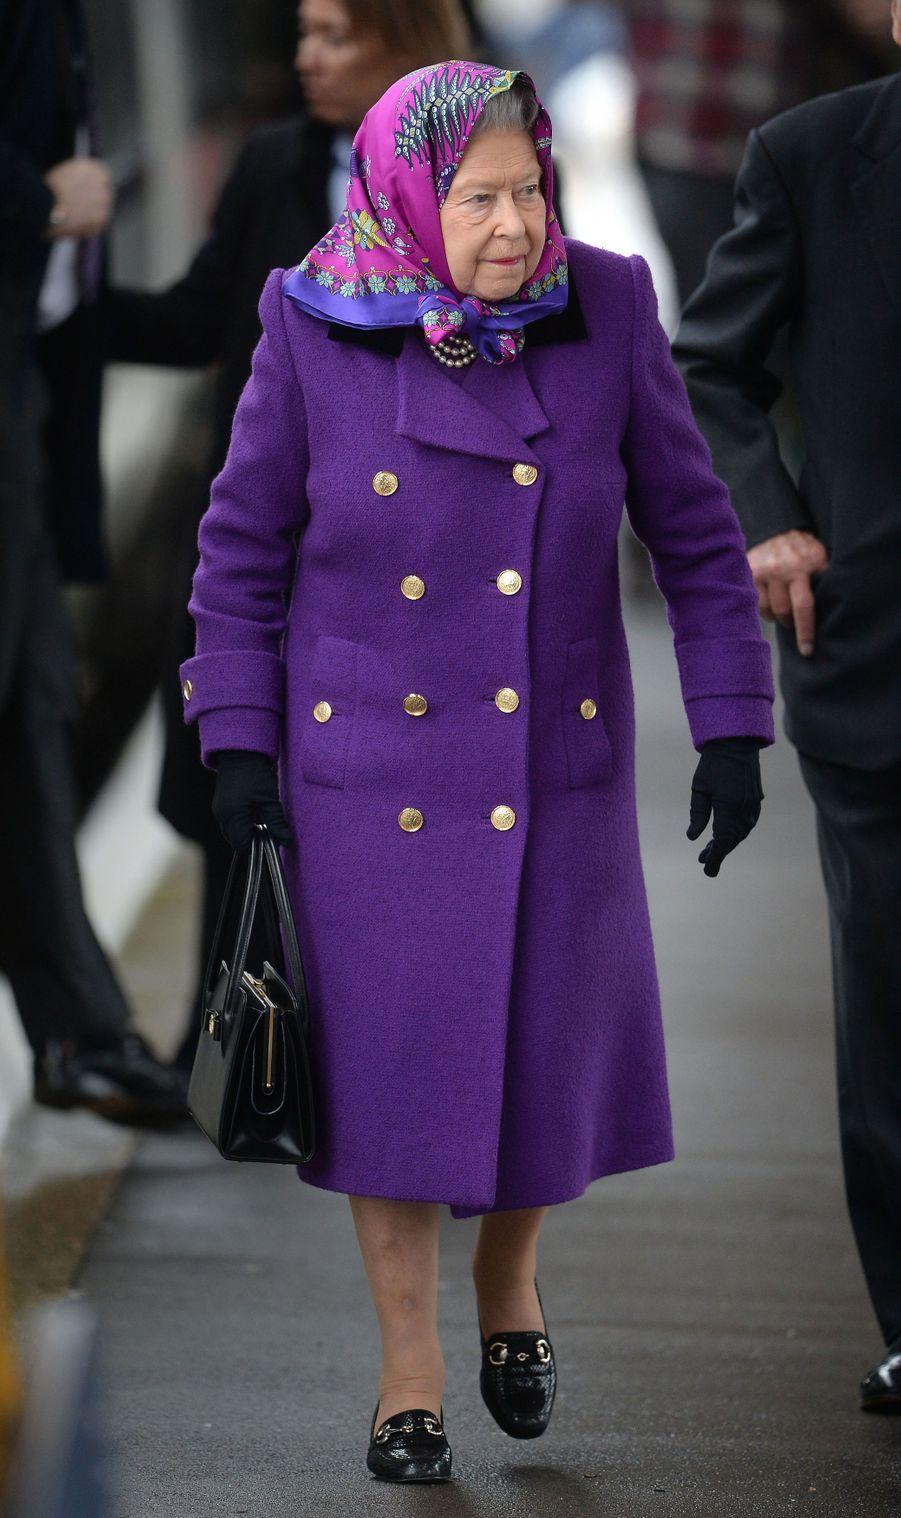 La reine Elizabeth II à la gare de King's Lynn dans le Norfolk, le 21 décembre 2017